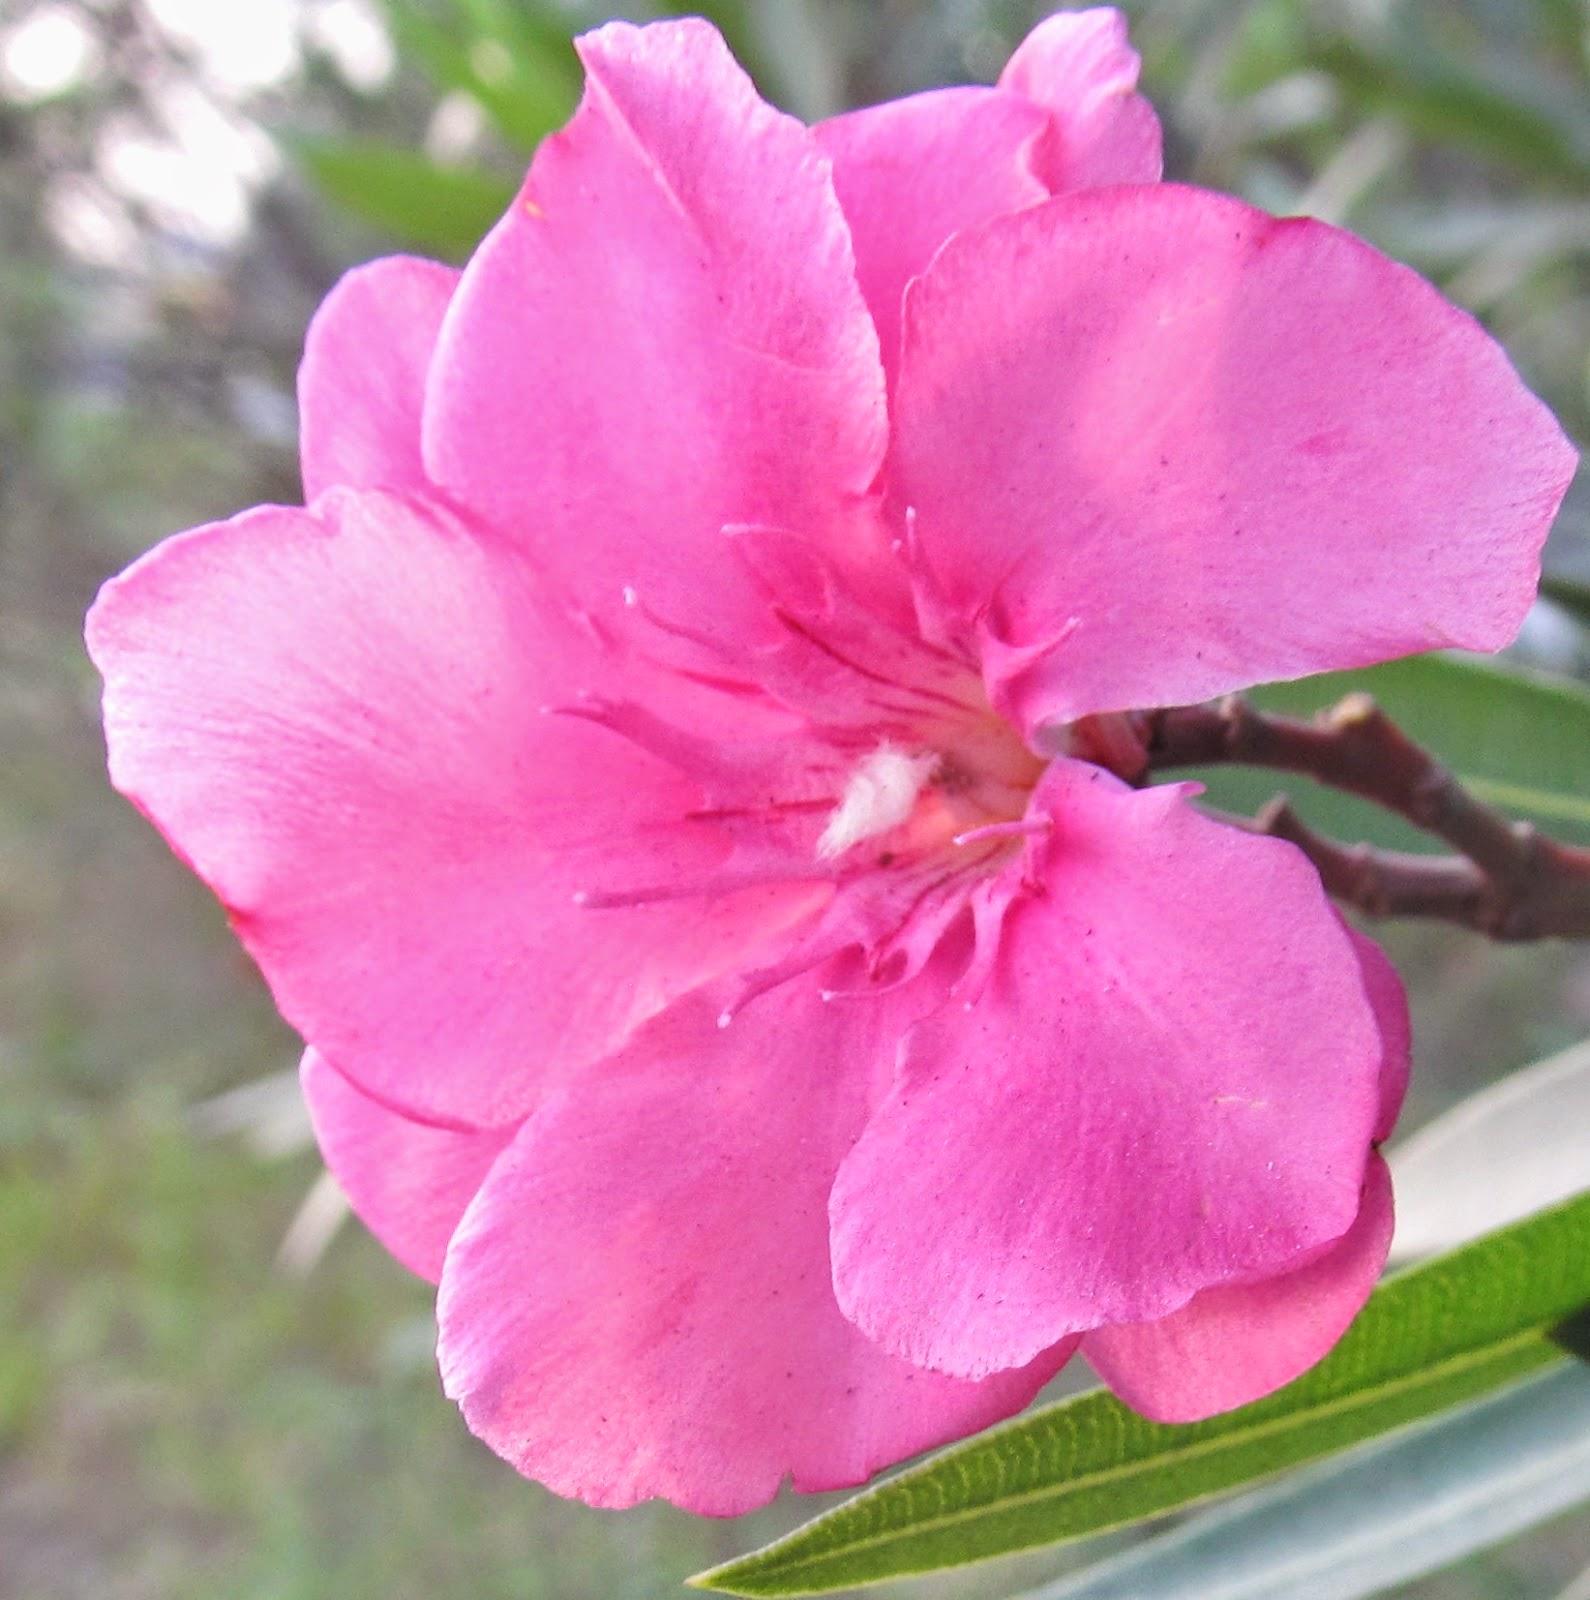 natural unique photography laurier rose flower or karveer flower. Black Bedroom Furniture Sets. Home Design Ideas